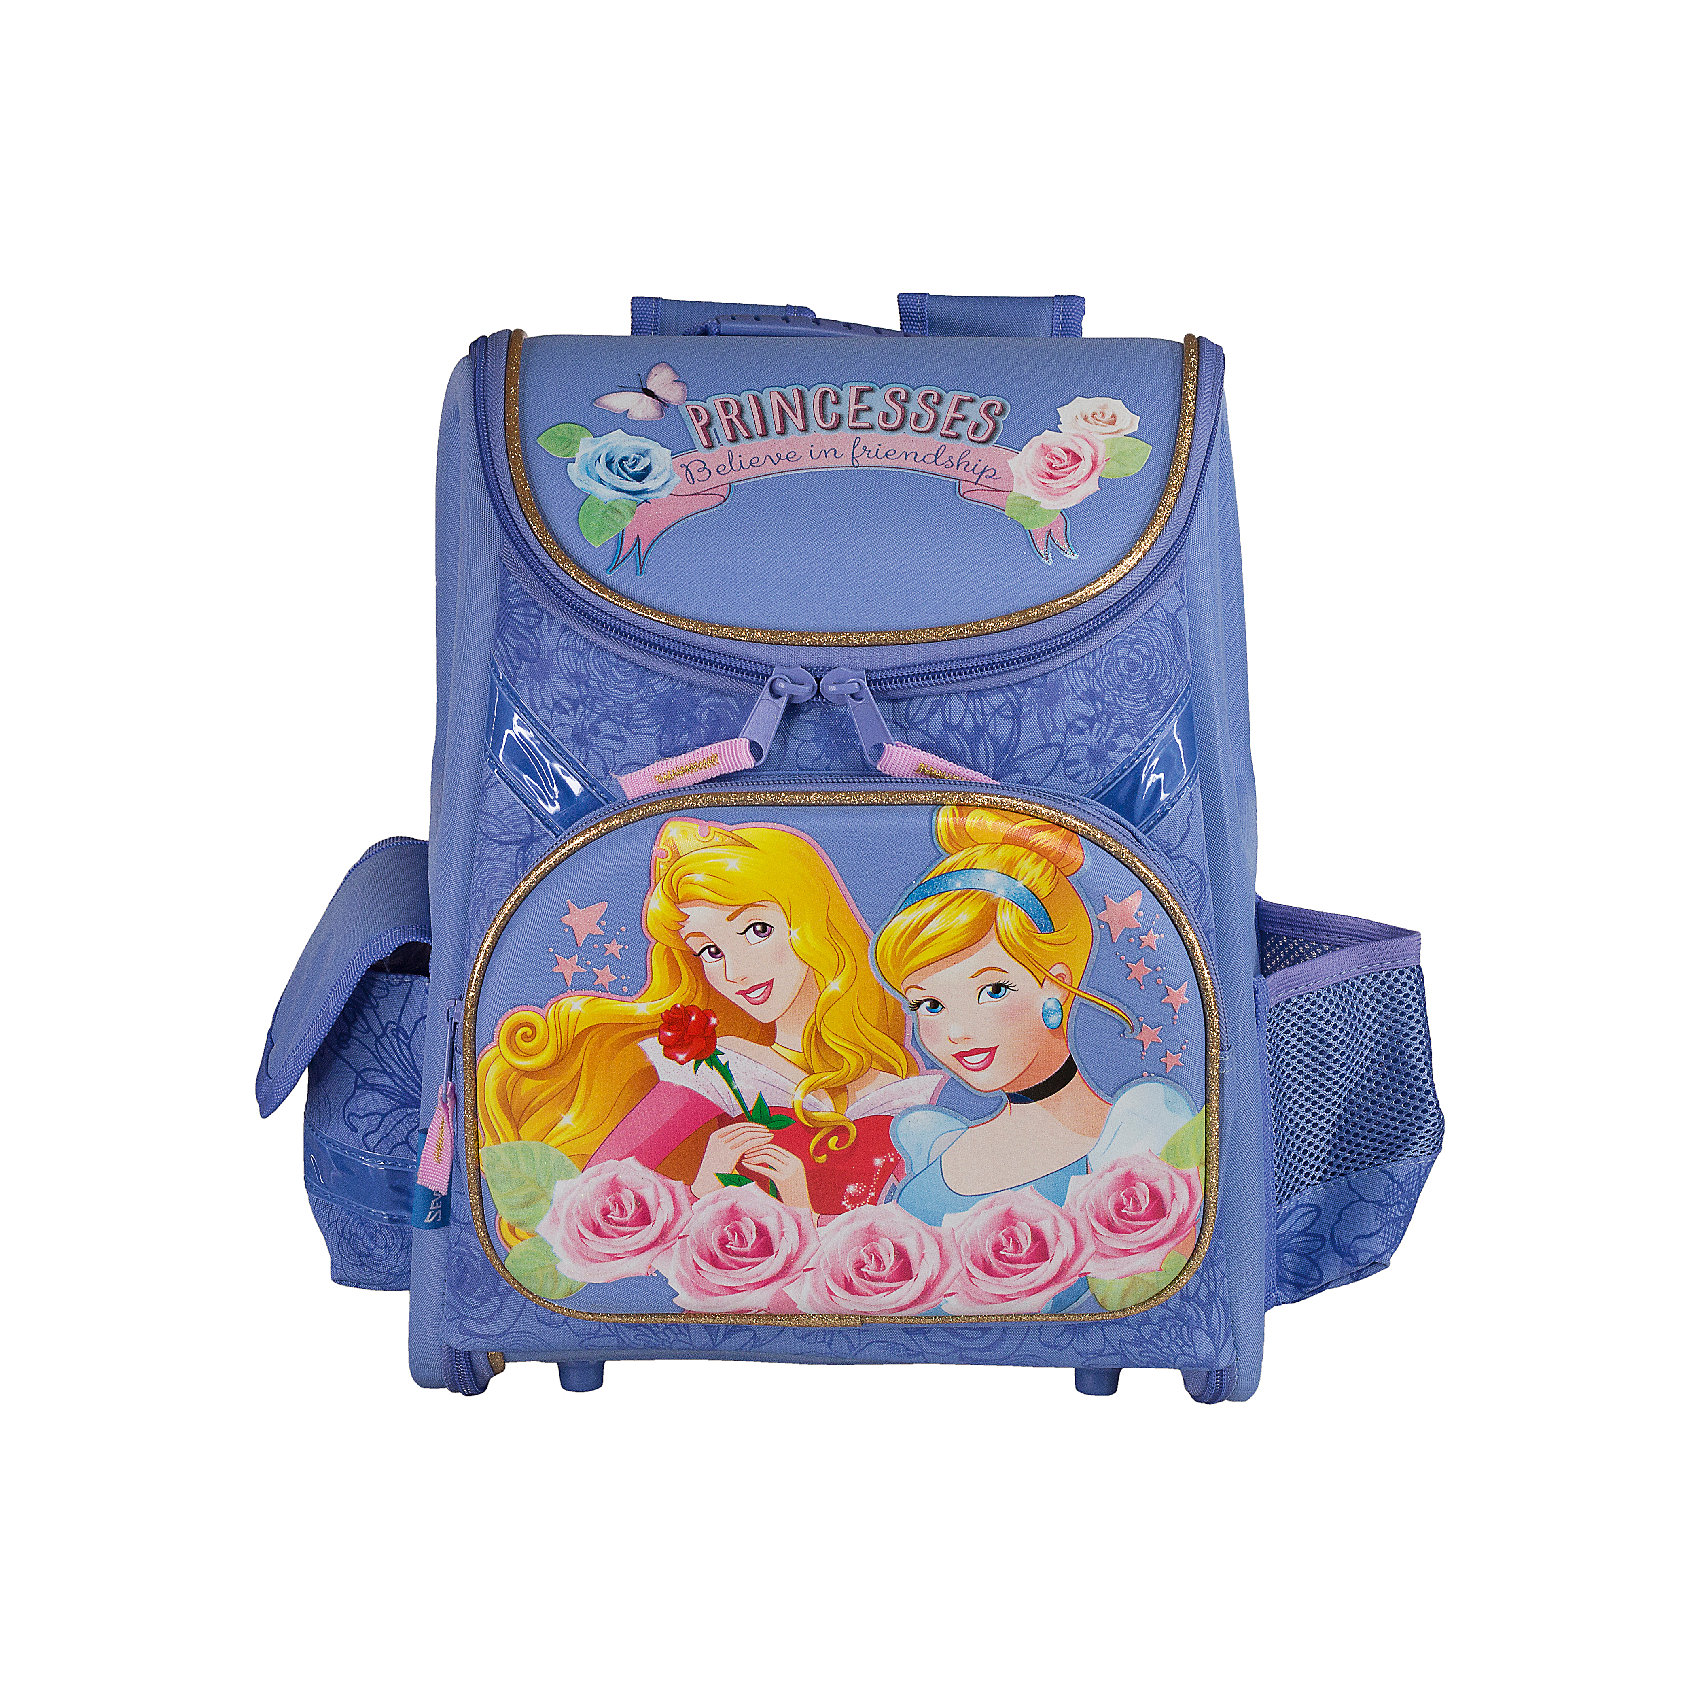 Школьный ранец с EVA-спинкой, Принцессы ДиснейПринцессы Дисней<br>Ранец с EVA-спинкой, Принцессы Дисней - идеальный вариант для школьных занятий. Ранец выполнен из прочного полиэстера приятной сиреневой расцветки, имеет привлекательный для девочек дизайн и украшен изображениями волшебных принцесс из популярных диснеевских мультфильмов. Благодаря плотной эргономической спинке позвоночник ребенка не будет испытывать больших нагрузок во время эксплуатации ранца. Широкие лямки S-образной формы регулируются по длине и равномерно распределяют нагрузку на плечевой пояс. Также есть удобная текстильная ручка с резиновой накладкой, за которую можно нести ранец. Жесткое устойчивое дно с пластиковыми ножками защитит содержимое от промокания.<br><br>Ранец закрывается на застежку-молнию с двумя бегунками, полностью раскладывается. Внутри одно большое отделение с двумя разделителями для тетрадей и книг и утягивающей резинкой, подходит для размещения предметов без сложения, размером до А4 формата включительно. На лицевой стороне расположен большой накладной карман на молнии, а также два маленьких кармана по бокам - один на липучке, второй открытый сетчатый. Светоотражающие элементы обеспечивают безопасность в темное время суток.<br><br>Дополнительная информация:<br><br>- Материал: полиэстер, текстиль, пластик. <br>- Размер ранца: 35 х 31 х 14 см.<br>- Размер упаковки: 36 х 32 х 17 см. <br>- Вес: 0,833 кг.<br><br>Ранец с EVA-спинкой, Принцессы Дисней, можно купить в нашем интернет-магазине.<br><br>Ширина мм: 140<br>Глубина мм: 310<br>Высота мм: 350<br>Вес г: 833<br>Возраст от месяцев: 48<br>Возраст до месяцев: 84<br>Пол: Женский<br>Возраст: Детский<br>SKU: 4489578